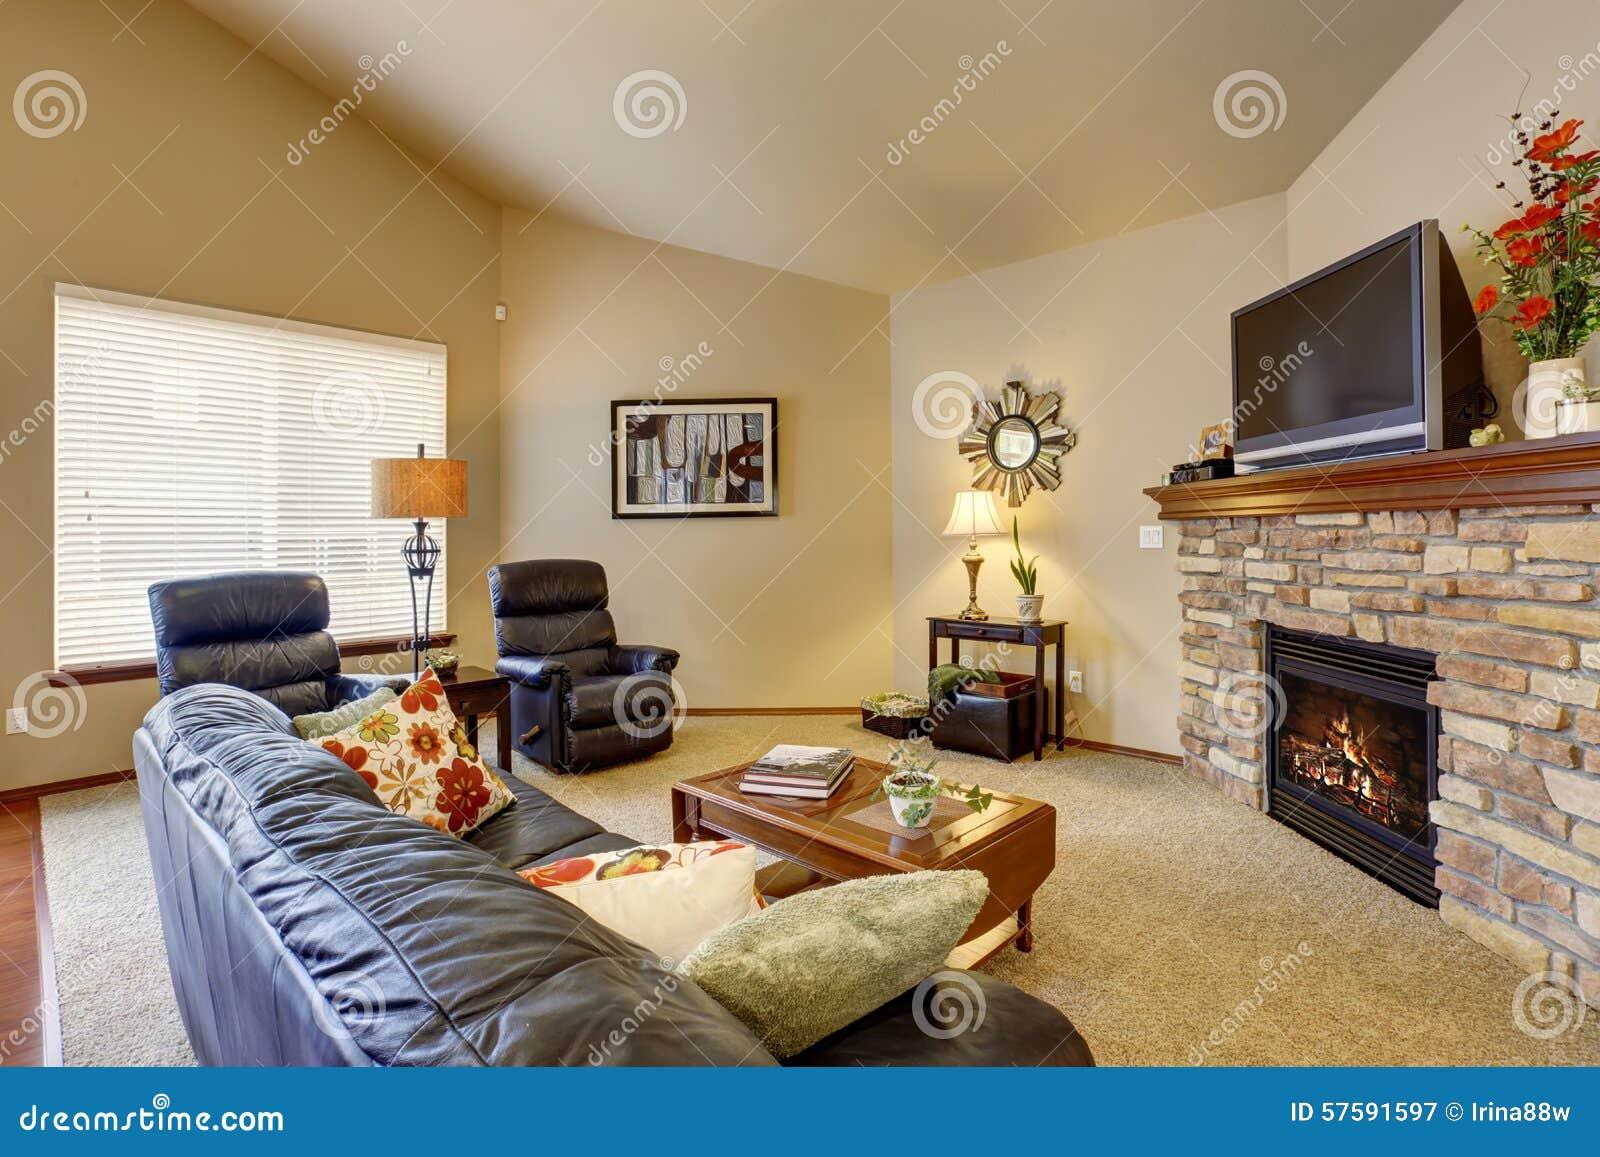 Koraalkleur De Woonkamer : Perfecte woonkamer met leermeubilair en een open haard stock